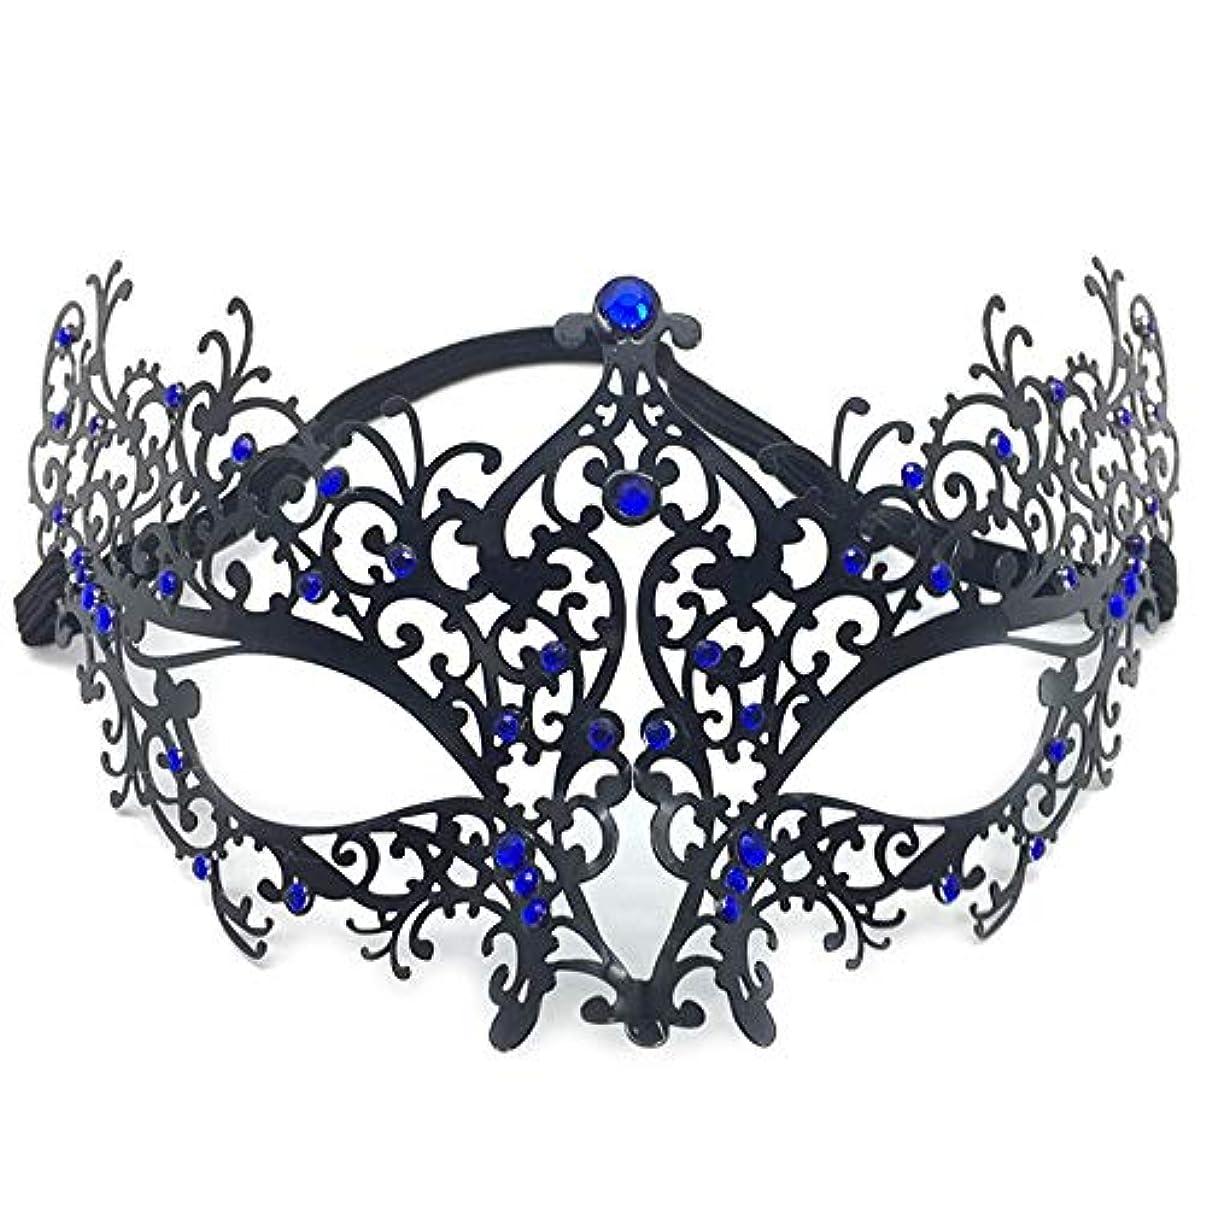 温室反動気分ハロウィーンマスク仮装アイアンマスクパーティードレスアップメタルダイヤモンドハーフフェイスマスク (Color : WHITE)